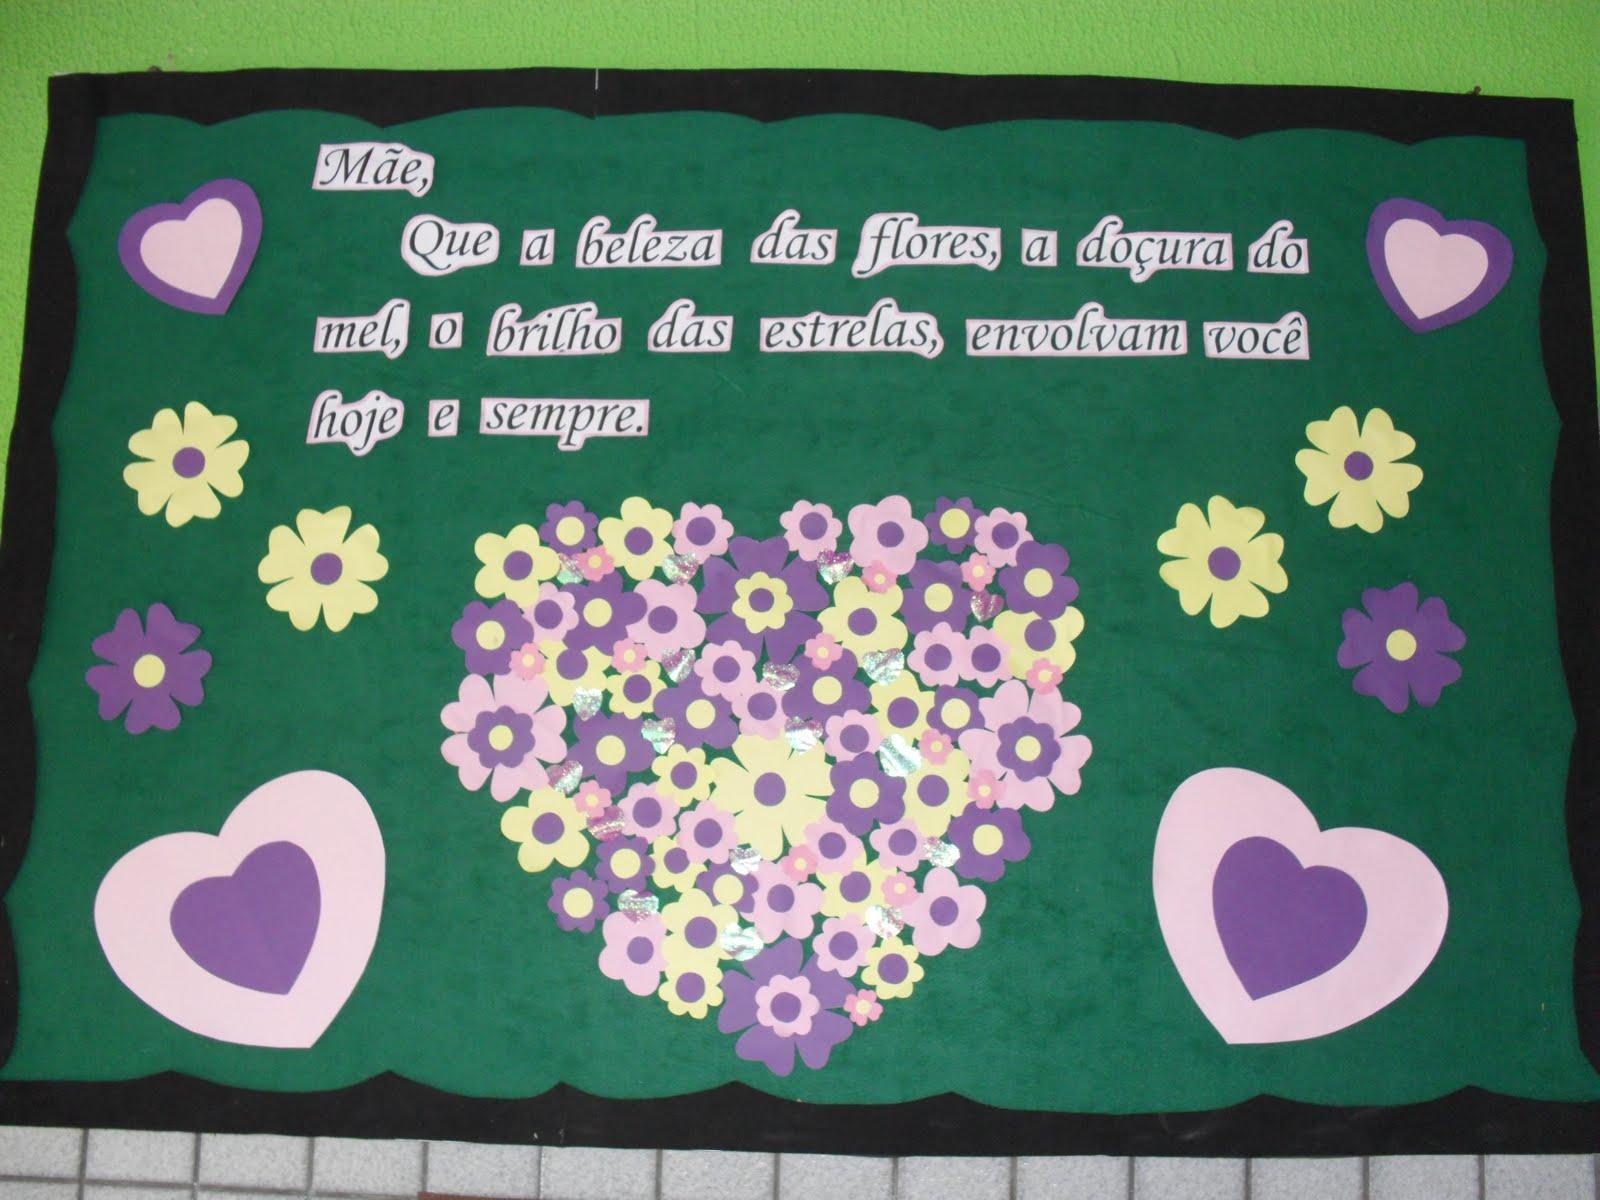 Imagens Bíblicas Para O Dia Das Mães: PROFESSORA DANY Educação Infantil: Idéias De Murais Para O